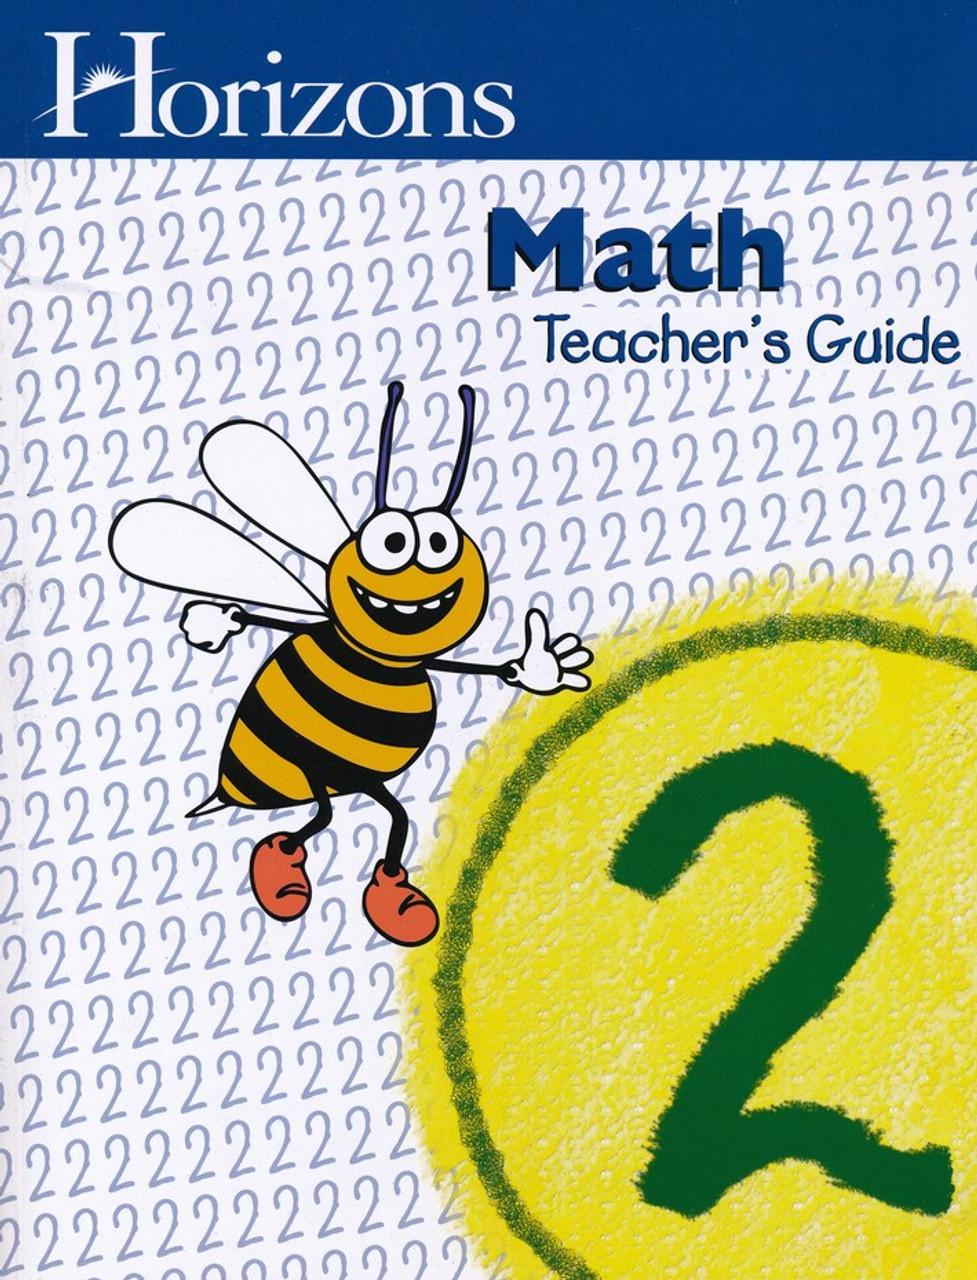 hight resolution of Horizons Grade 2 Teachers Guide - Classroom Resource Center